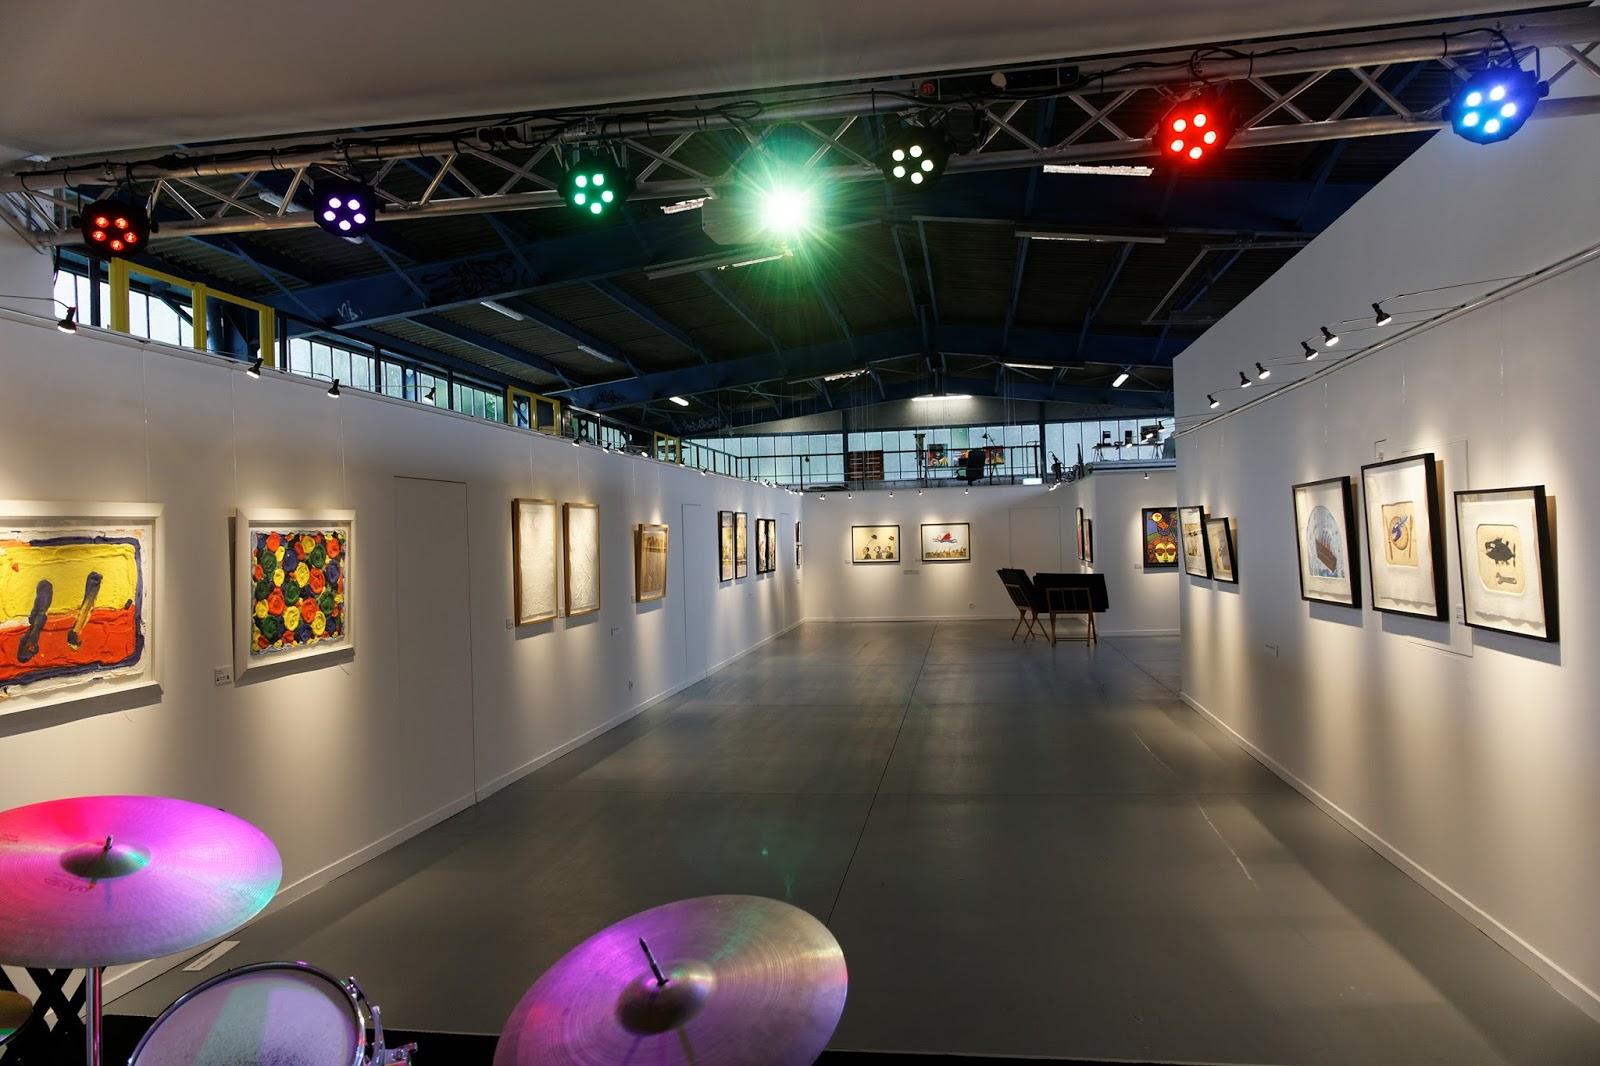 l 39 estampe galerie d 39 art et dtieur collection lacan atelier ouvert ap ritif jazz. Black Bedroom Furniture Sets. Home Design Ideas